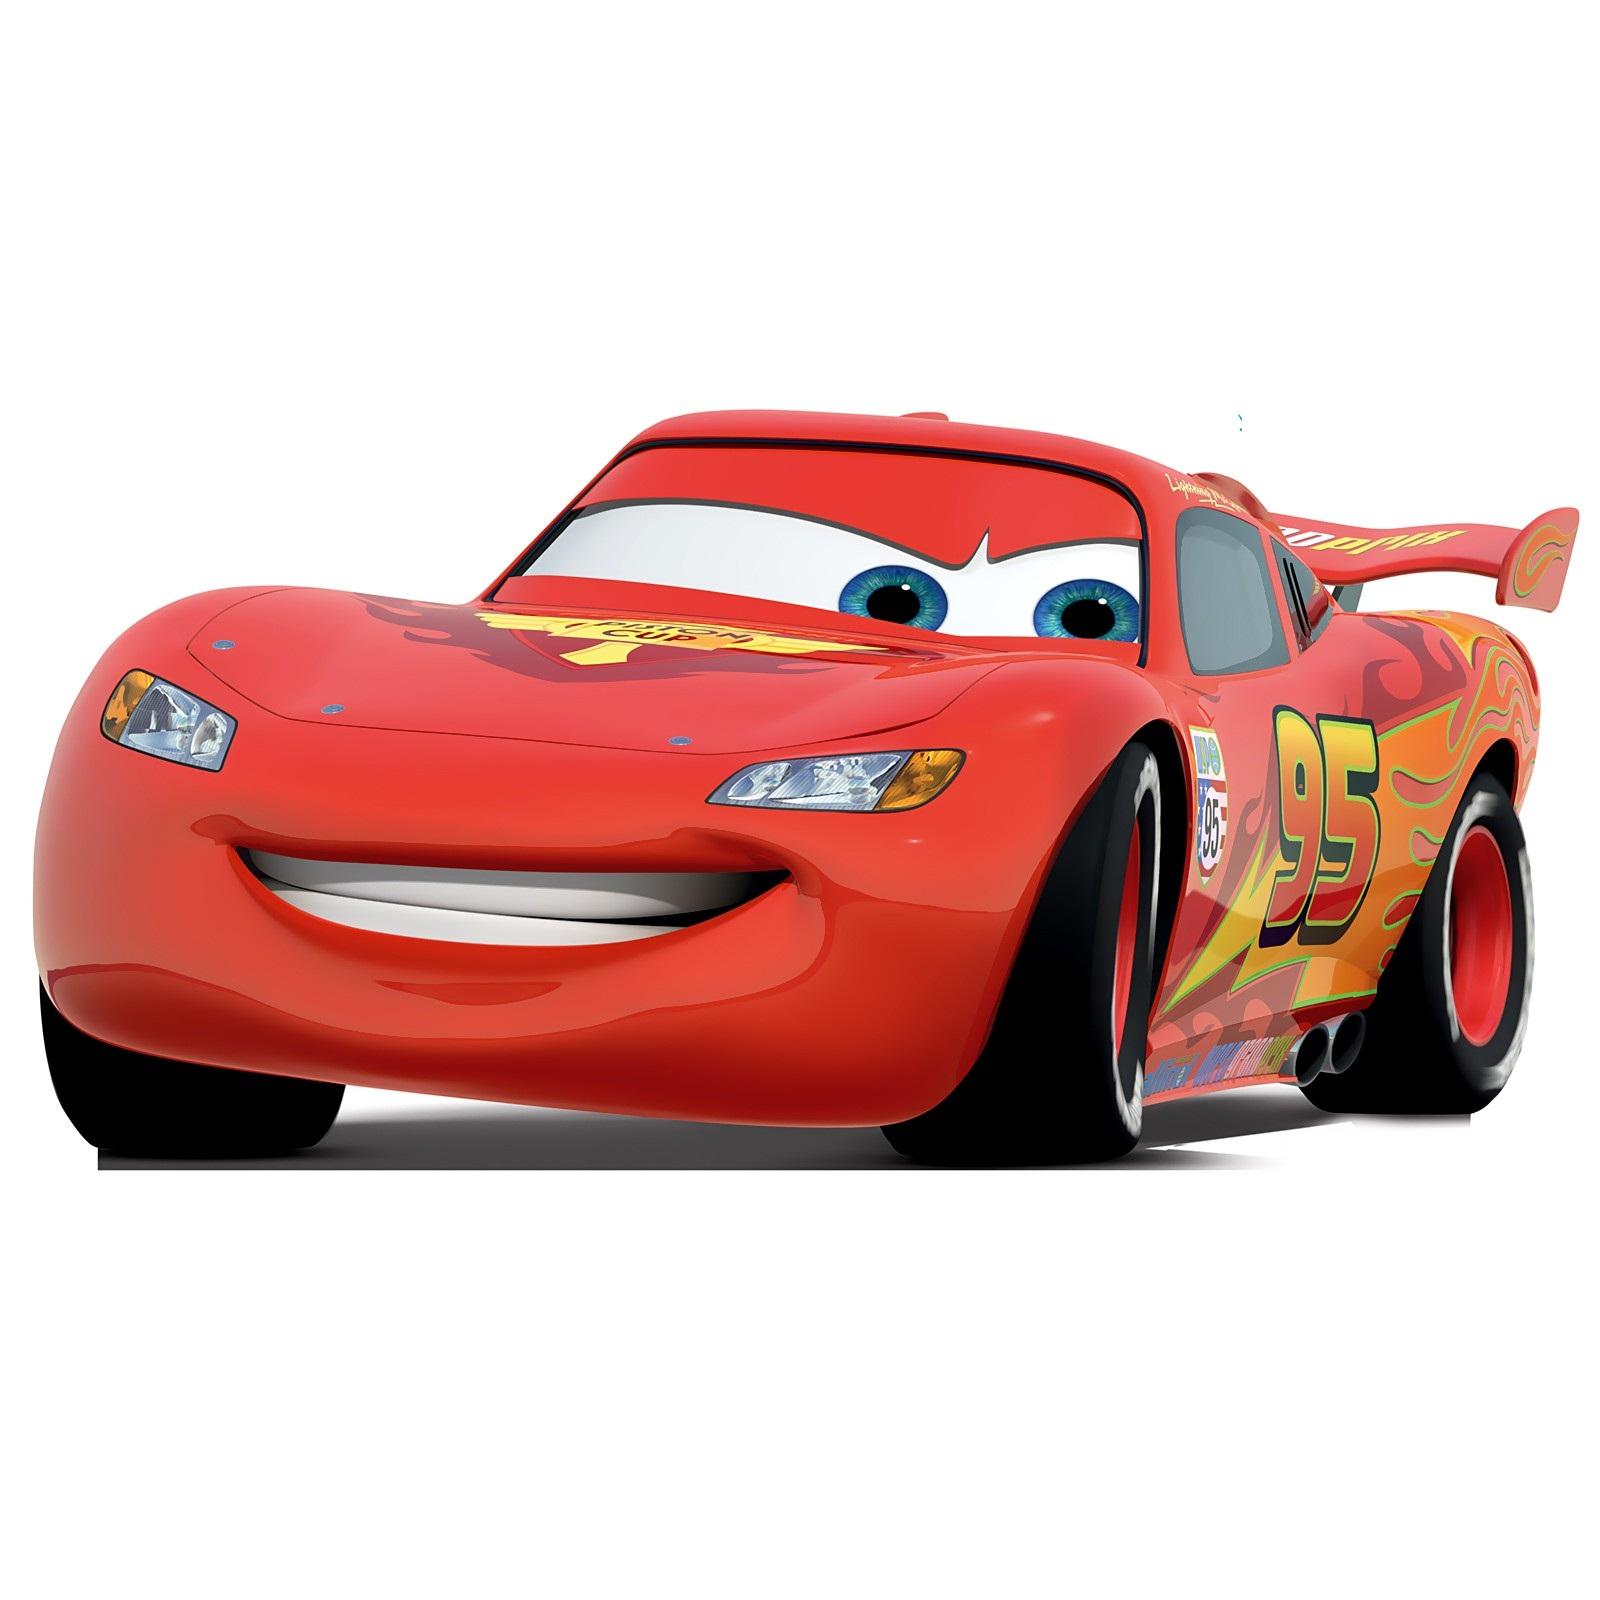 Cars_Lightning McQueen